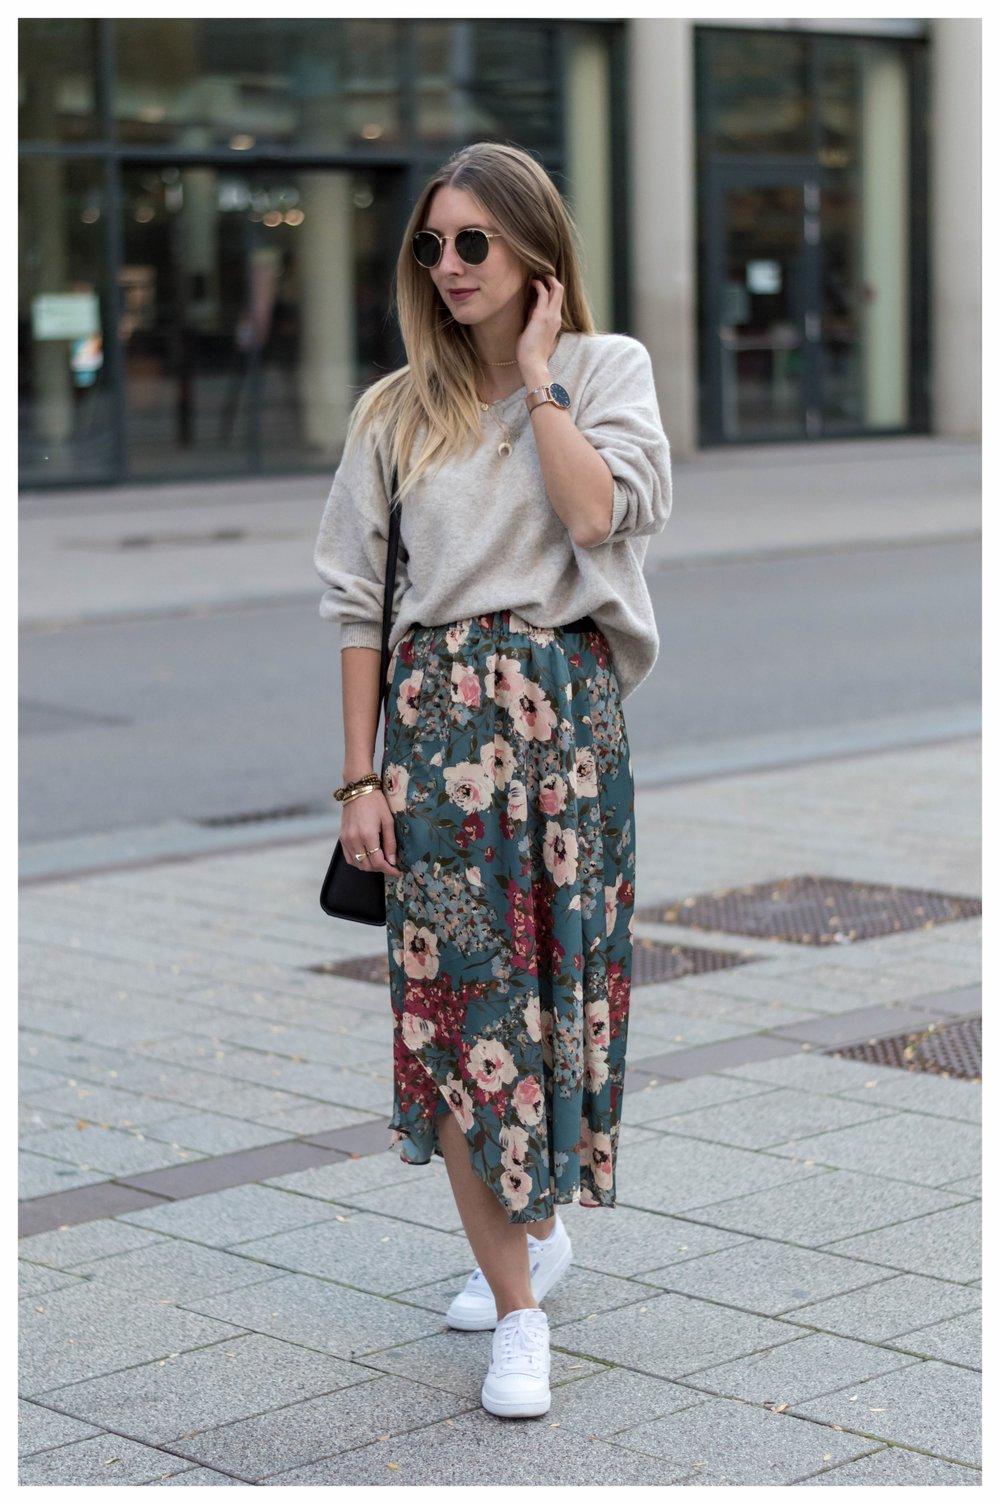 Floral Skirt Lux - OSIARAH.COM (7 sur 21).jpg